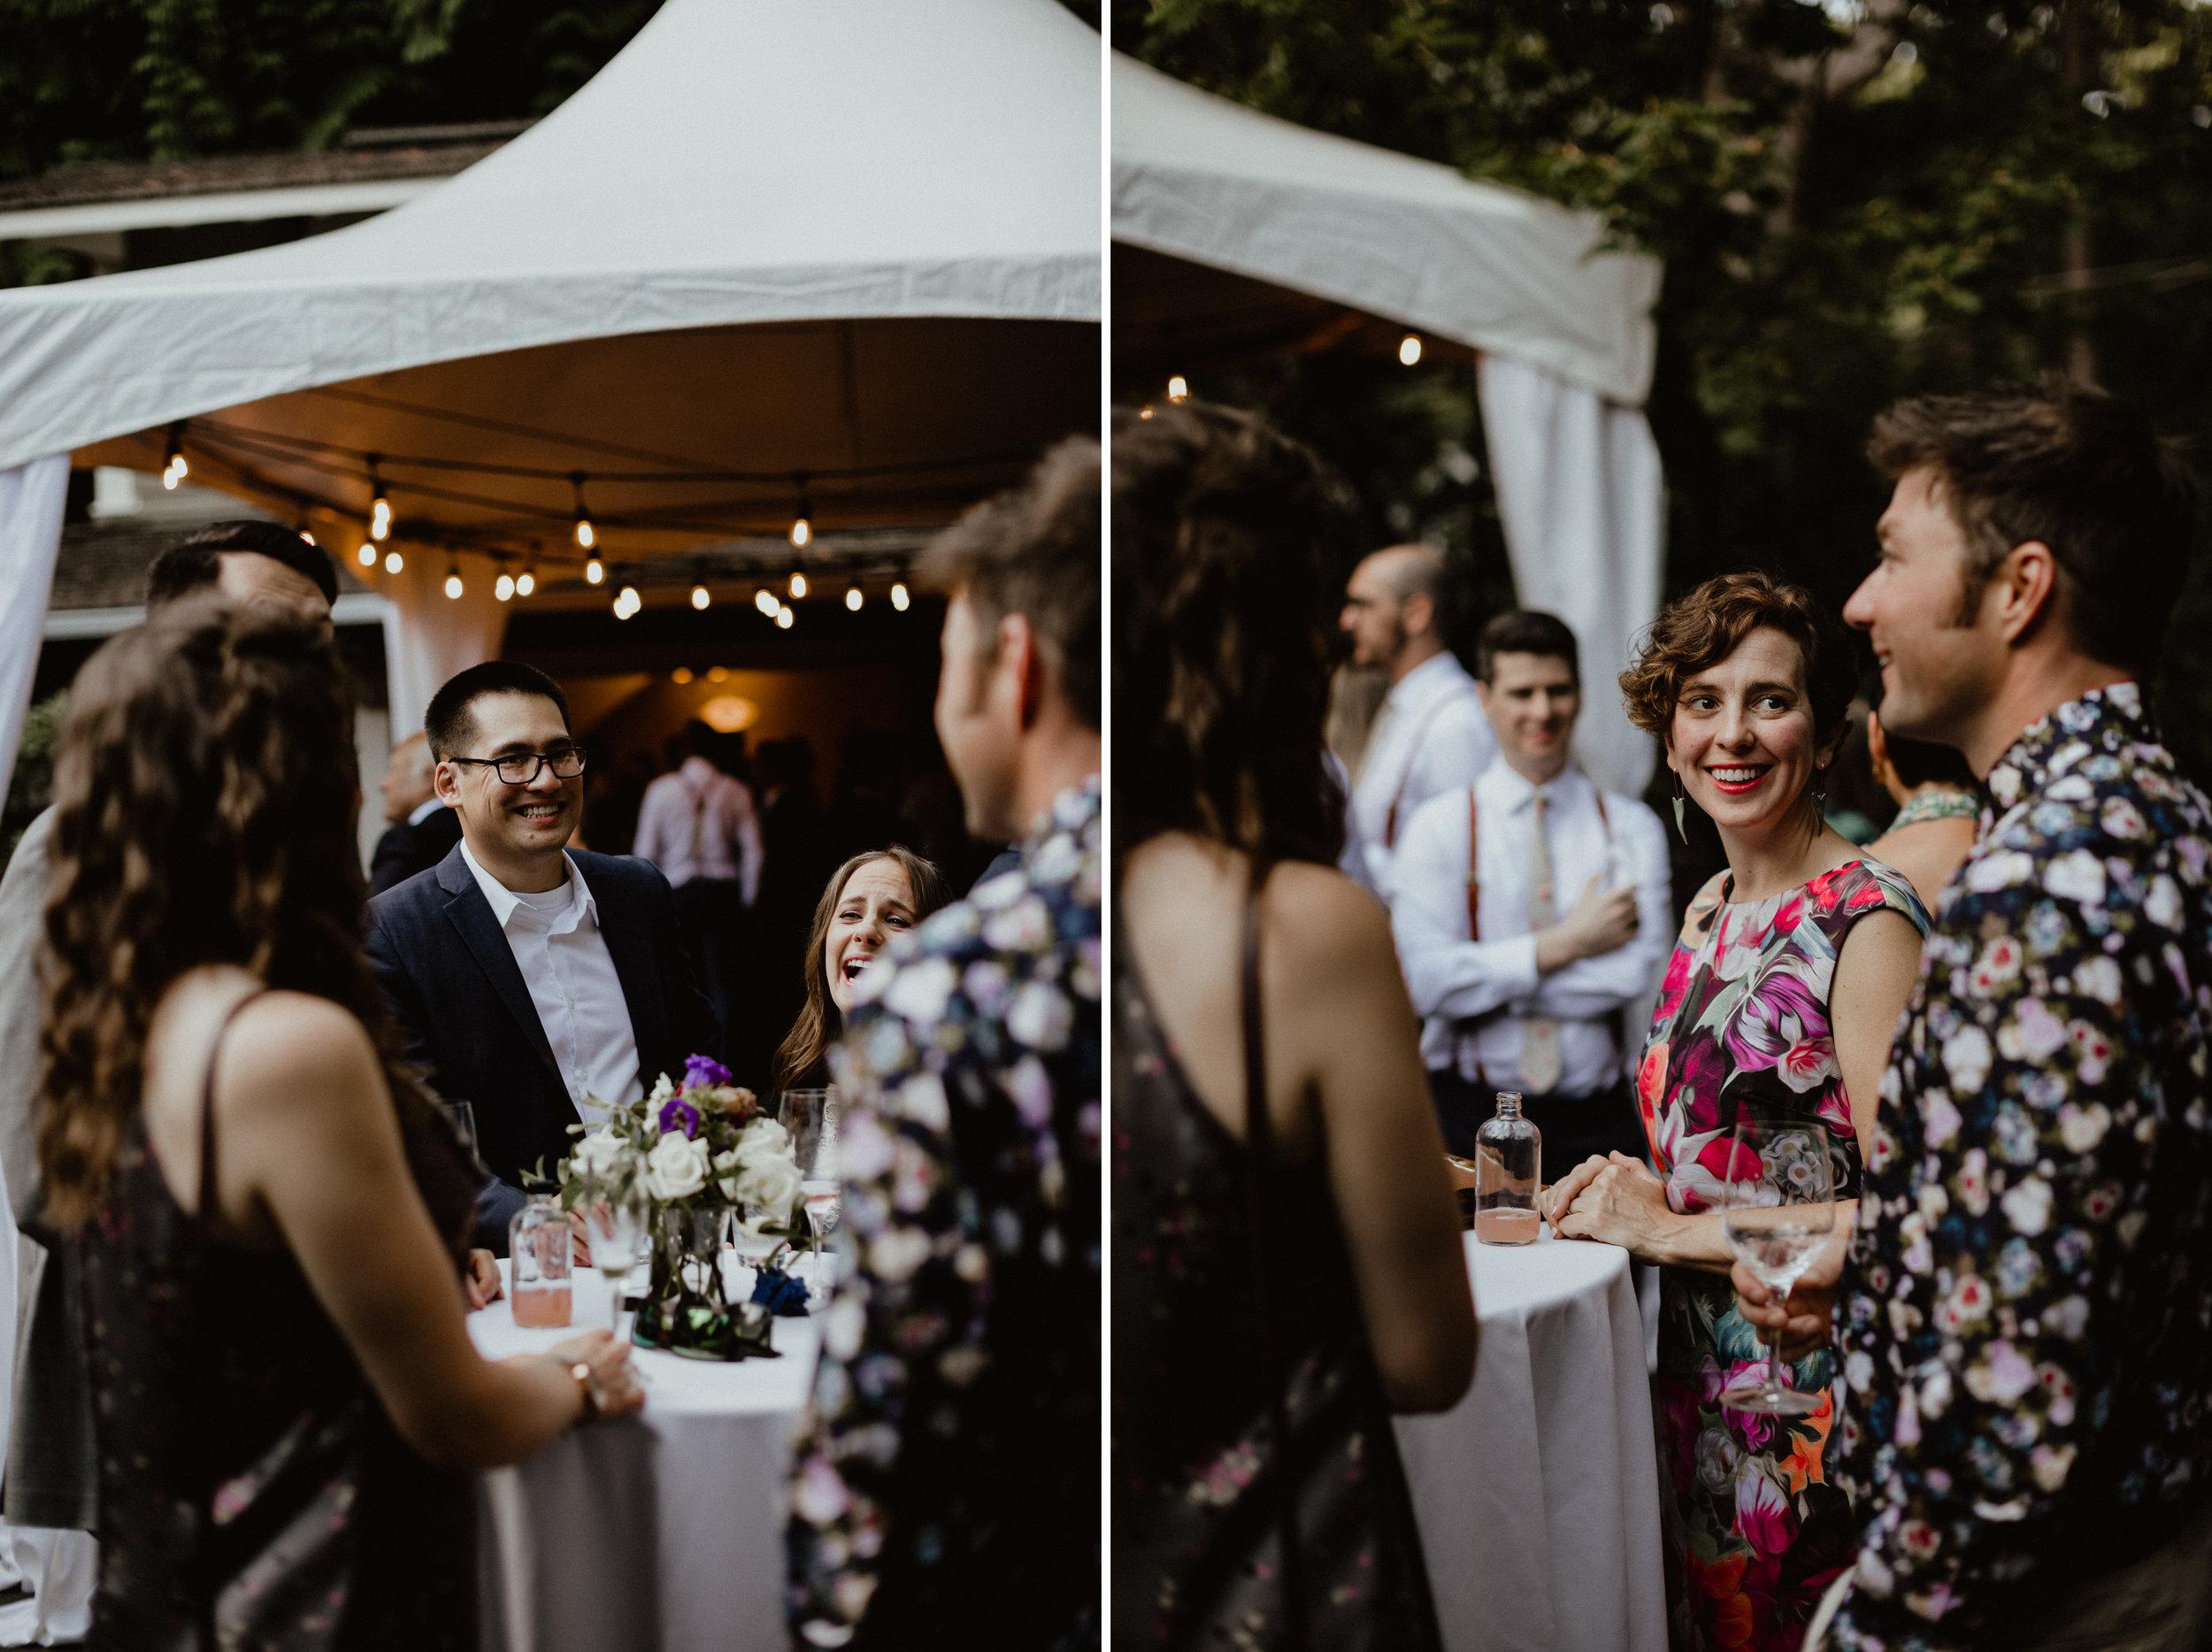 west-vancouver-backyard-wedding-216.jpg